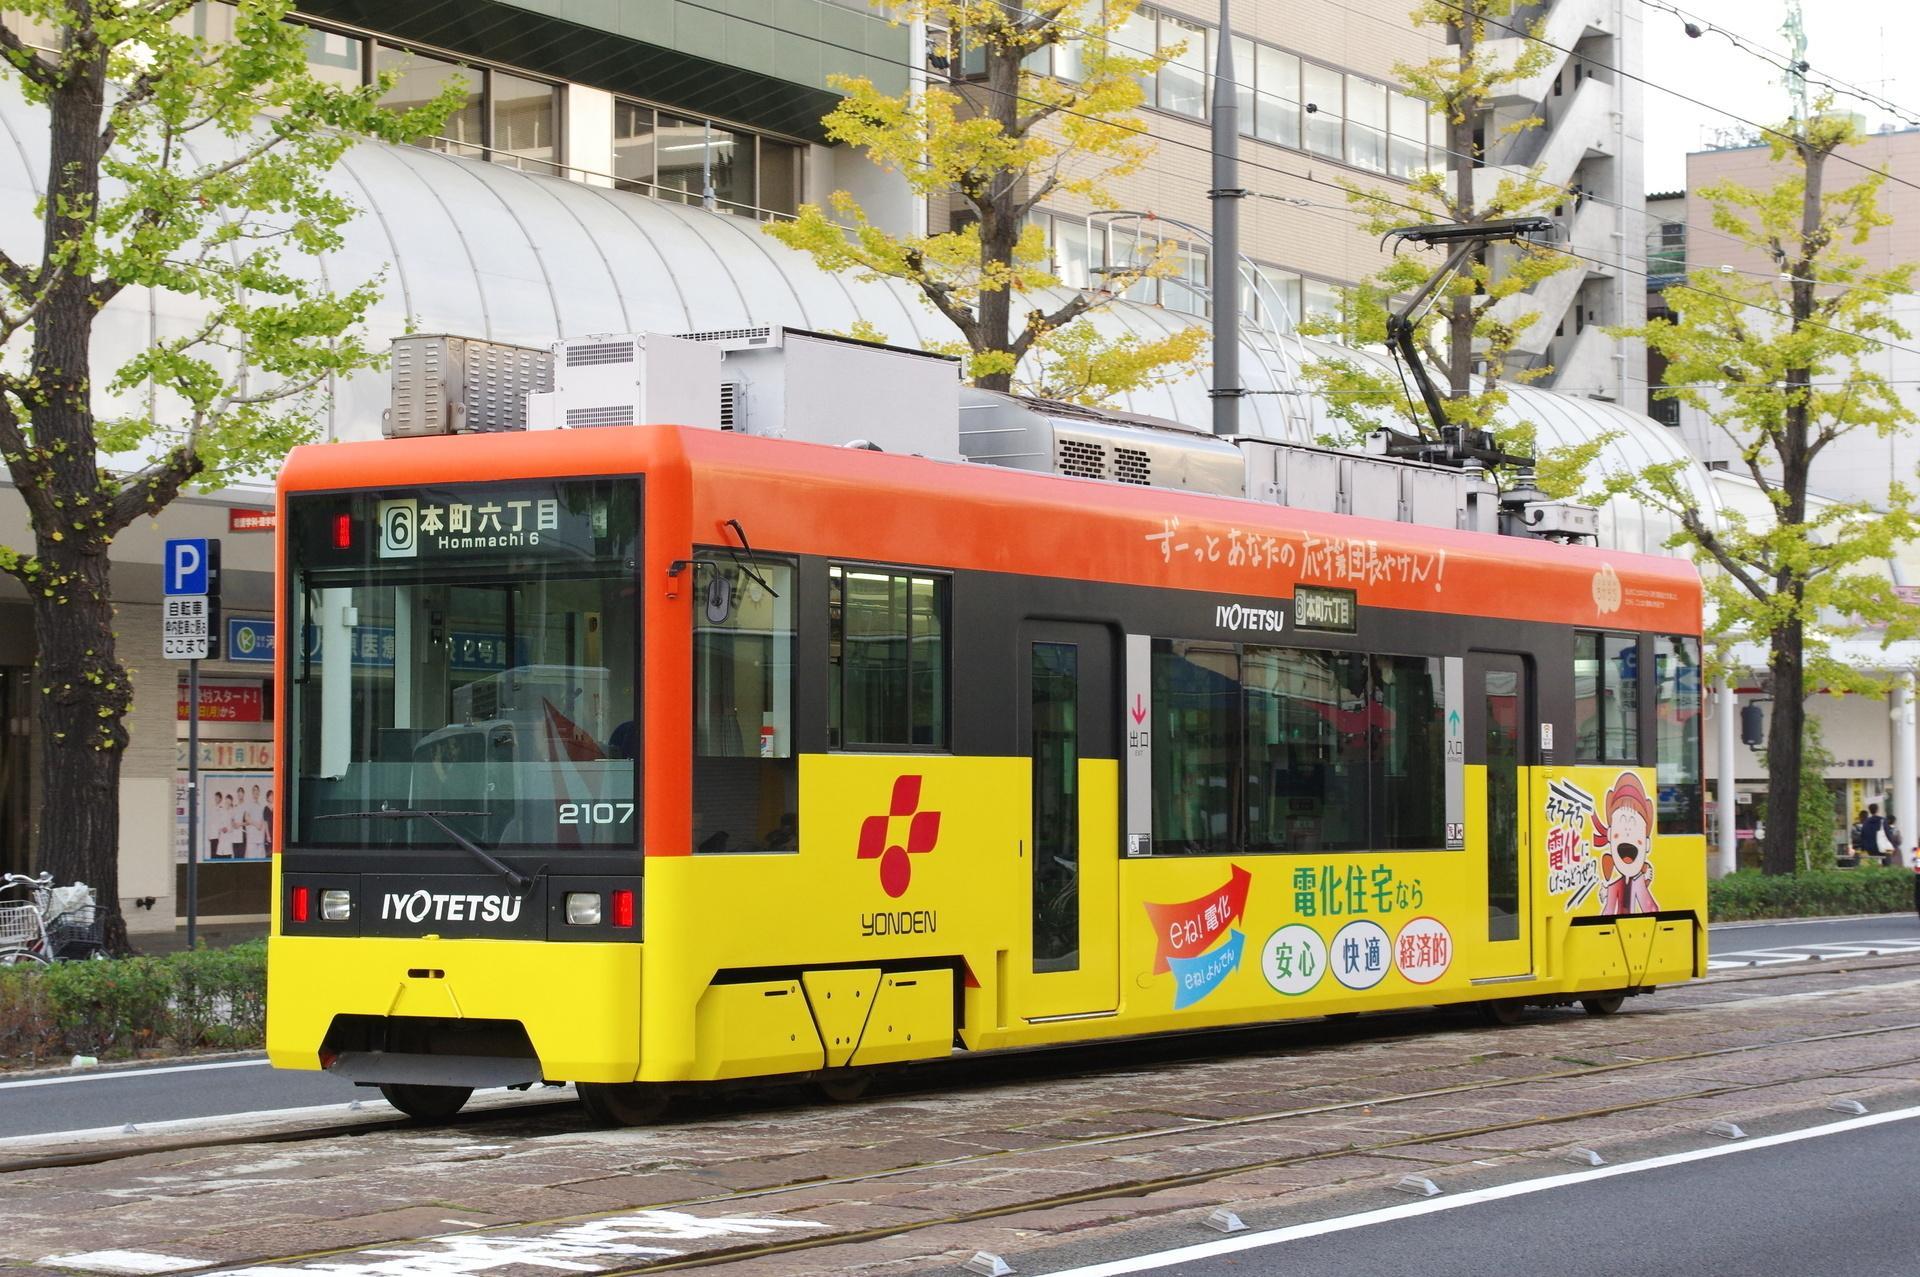 モハ2107号(四国電力ラッピング)